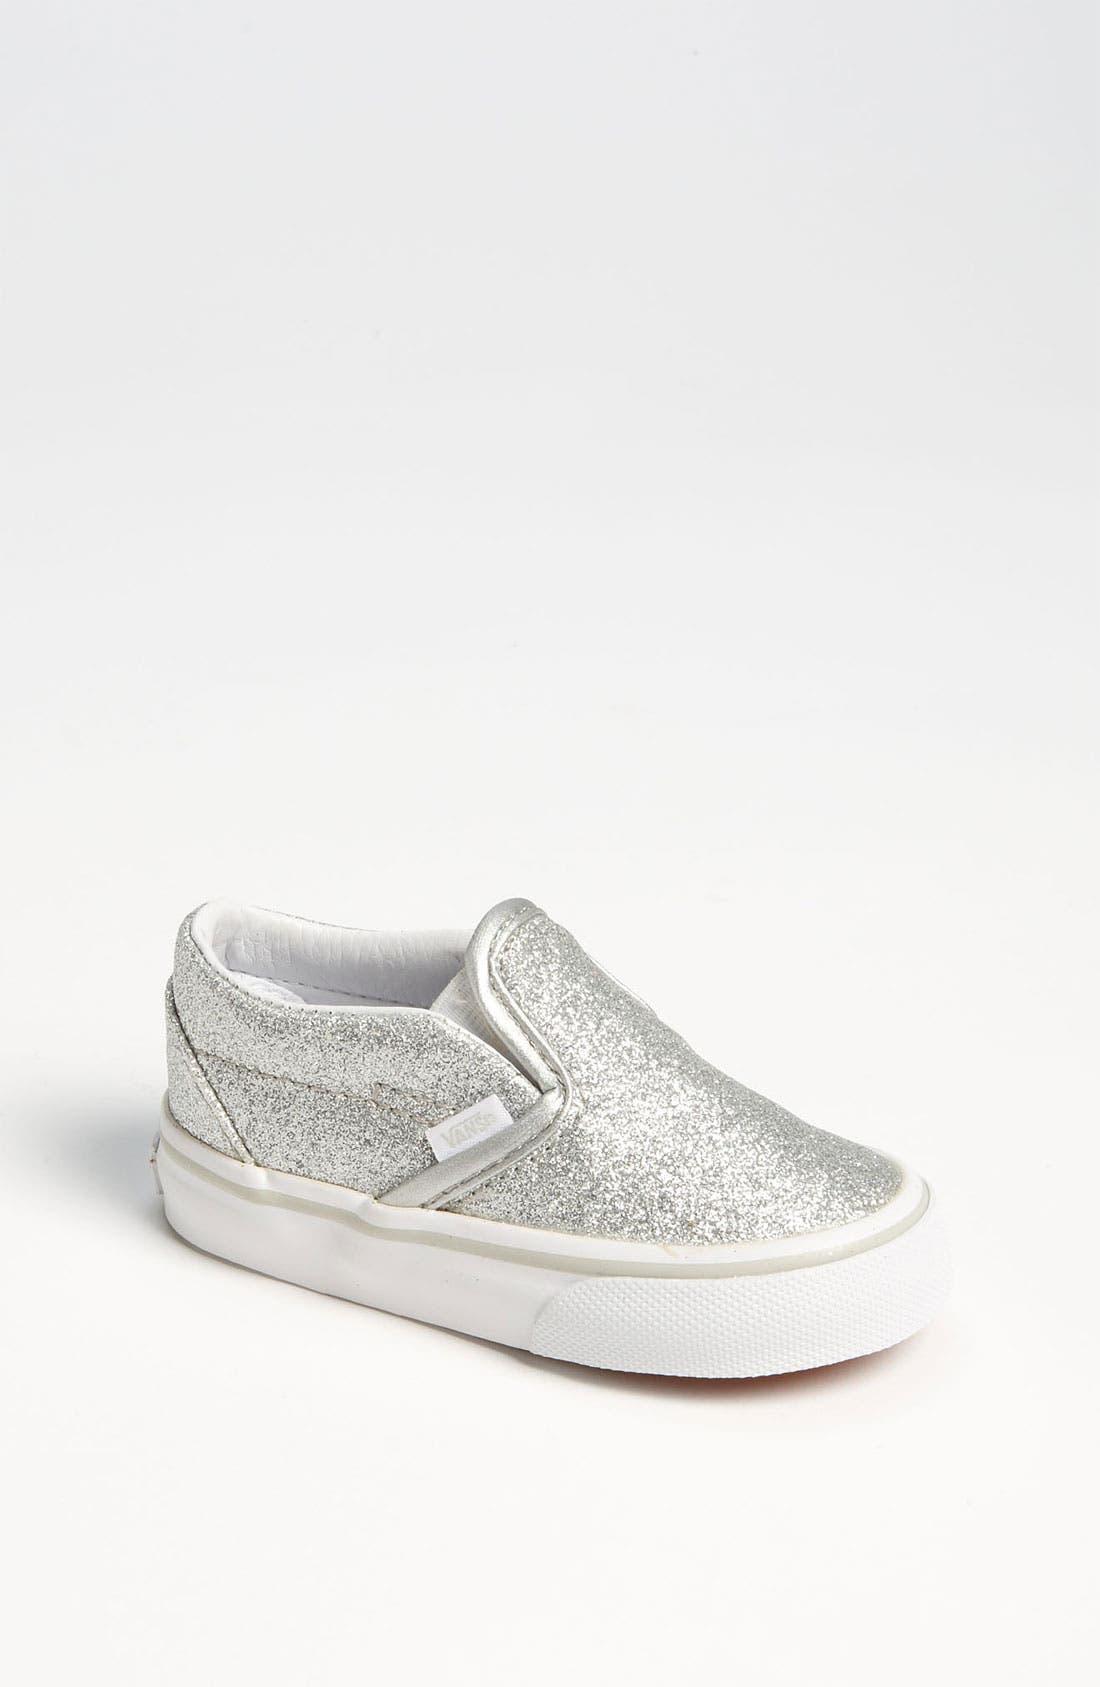 Alternate Image 1 Selected - Vans 'Classic - Glitter' Slip-On (Baby, Walker & Toddler)